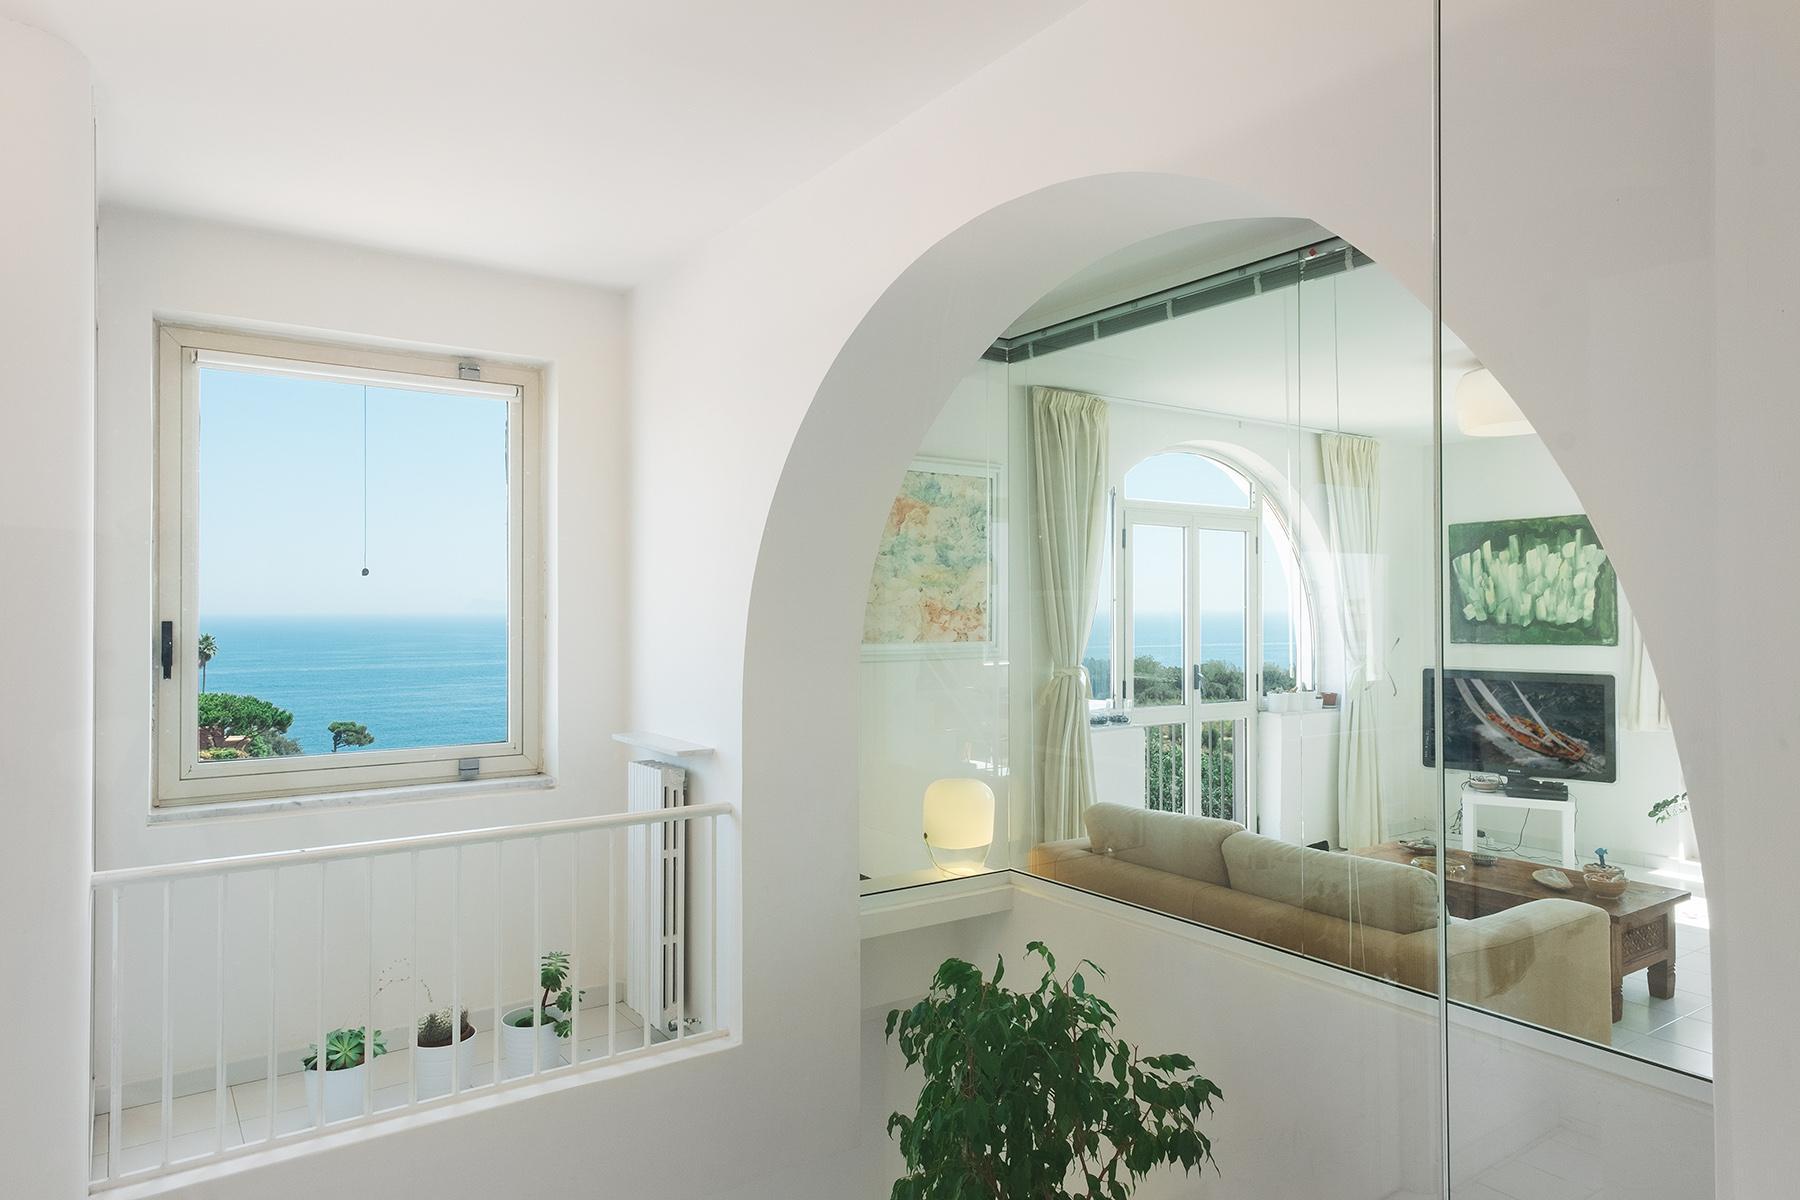 Замечательная вилла с панорамным видом на море в Неаполе, Италия - 11